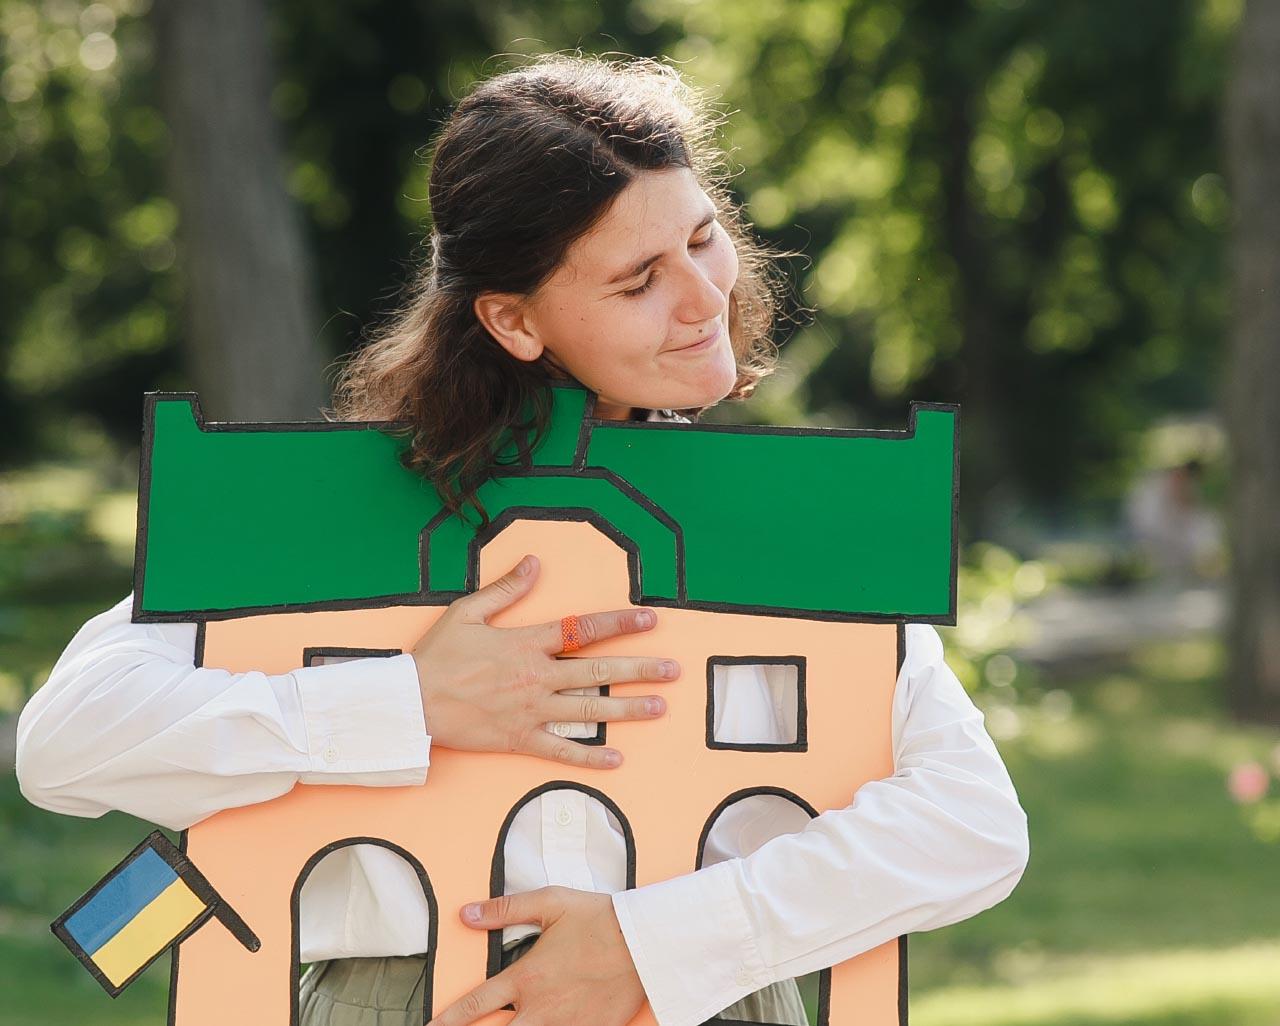 Співзасновниця МІСТОХАБ Наталя Баранник з макетом лого проєкту (фото К. Трегубова)